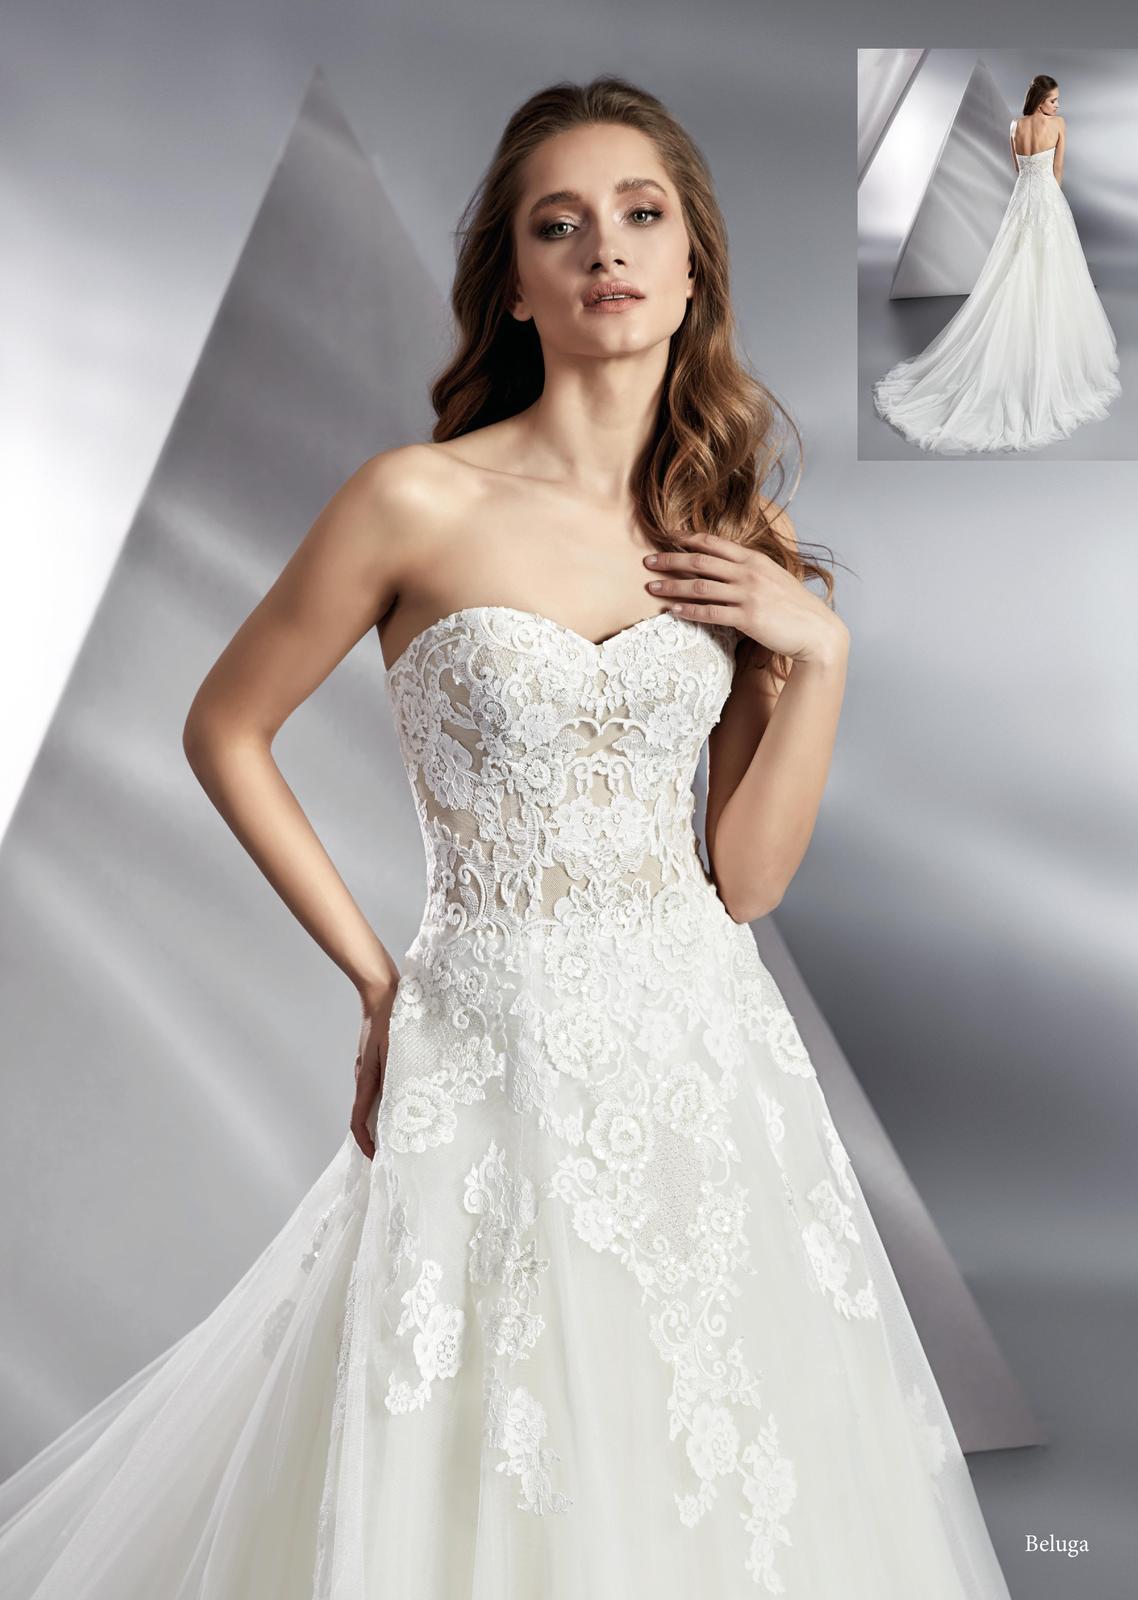 Svatební šaty Beluga - Obrázek č. 1